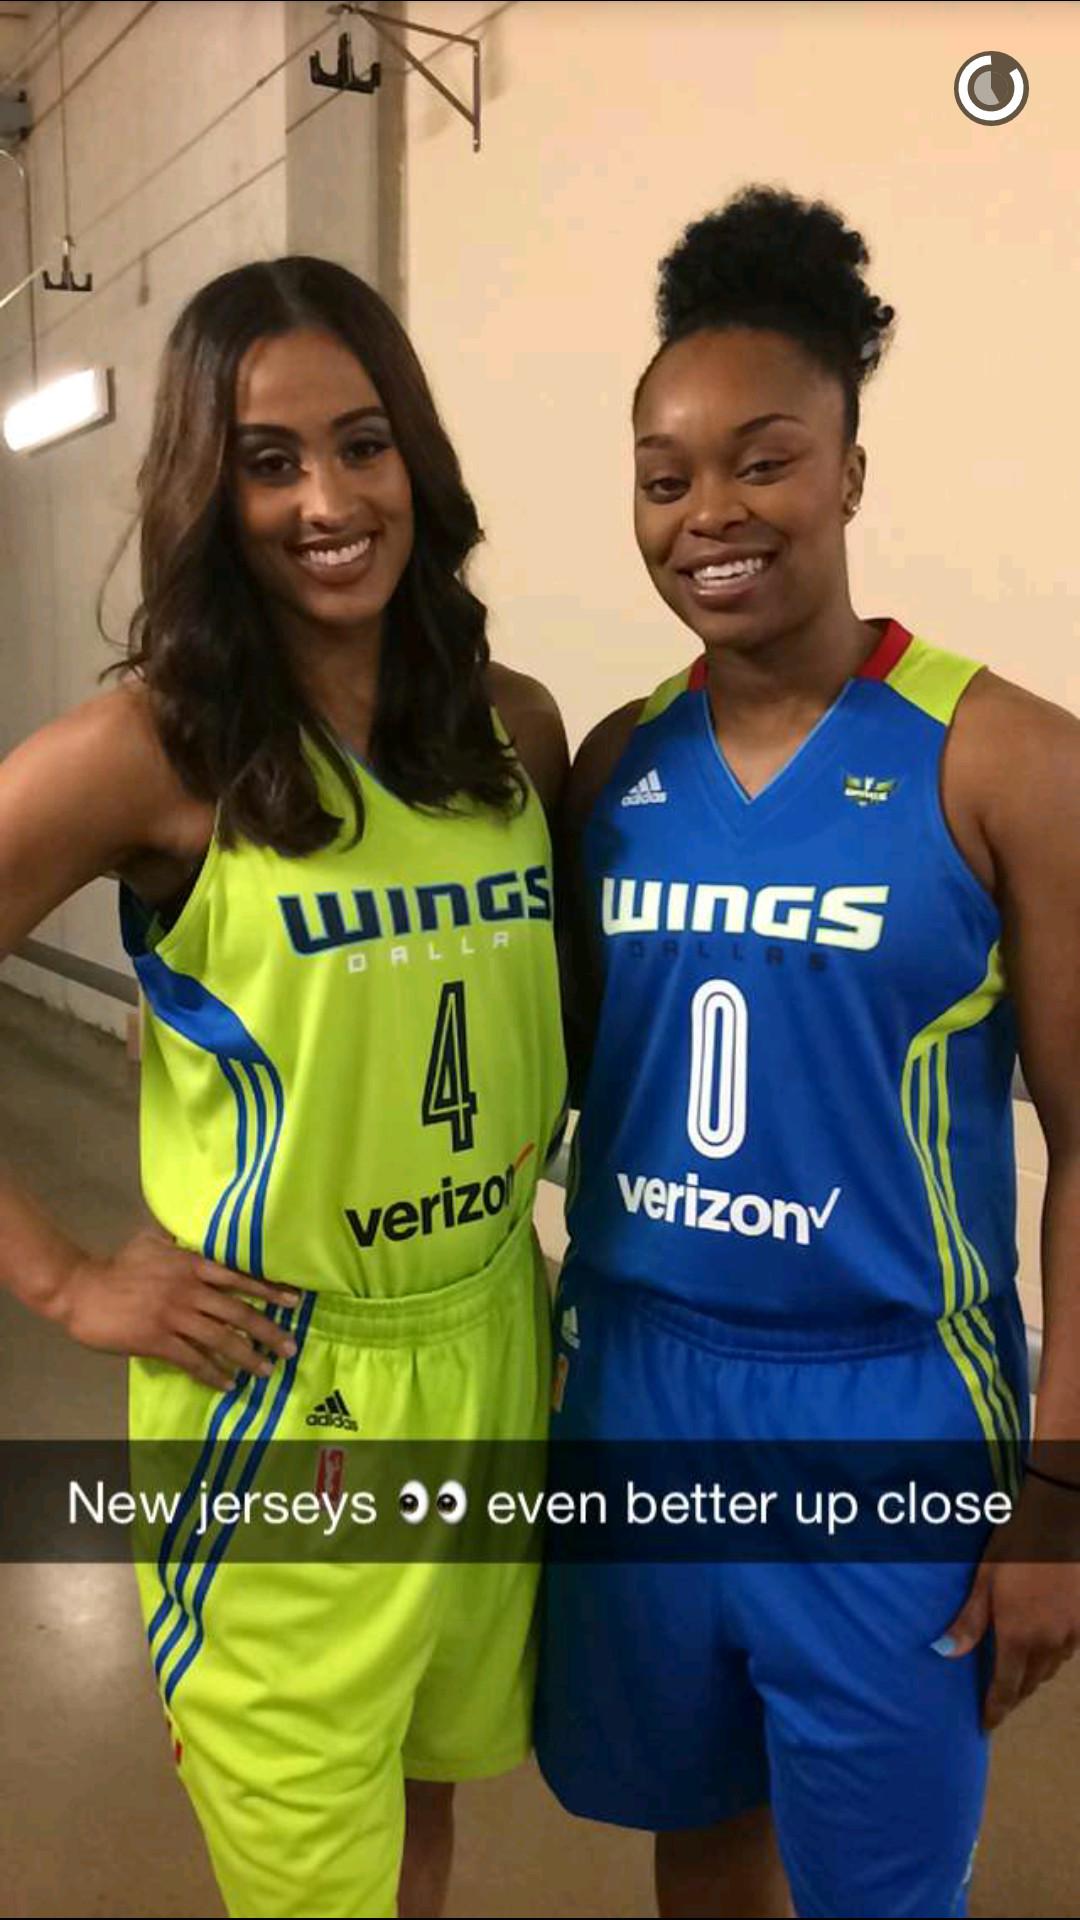 Wings unis